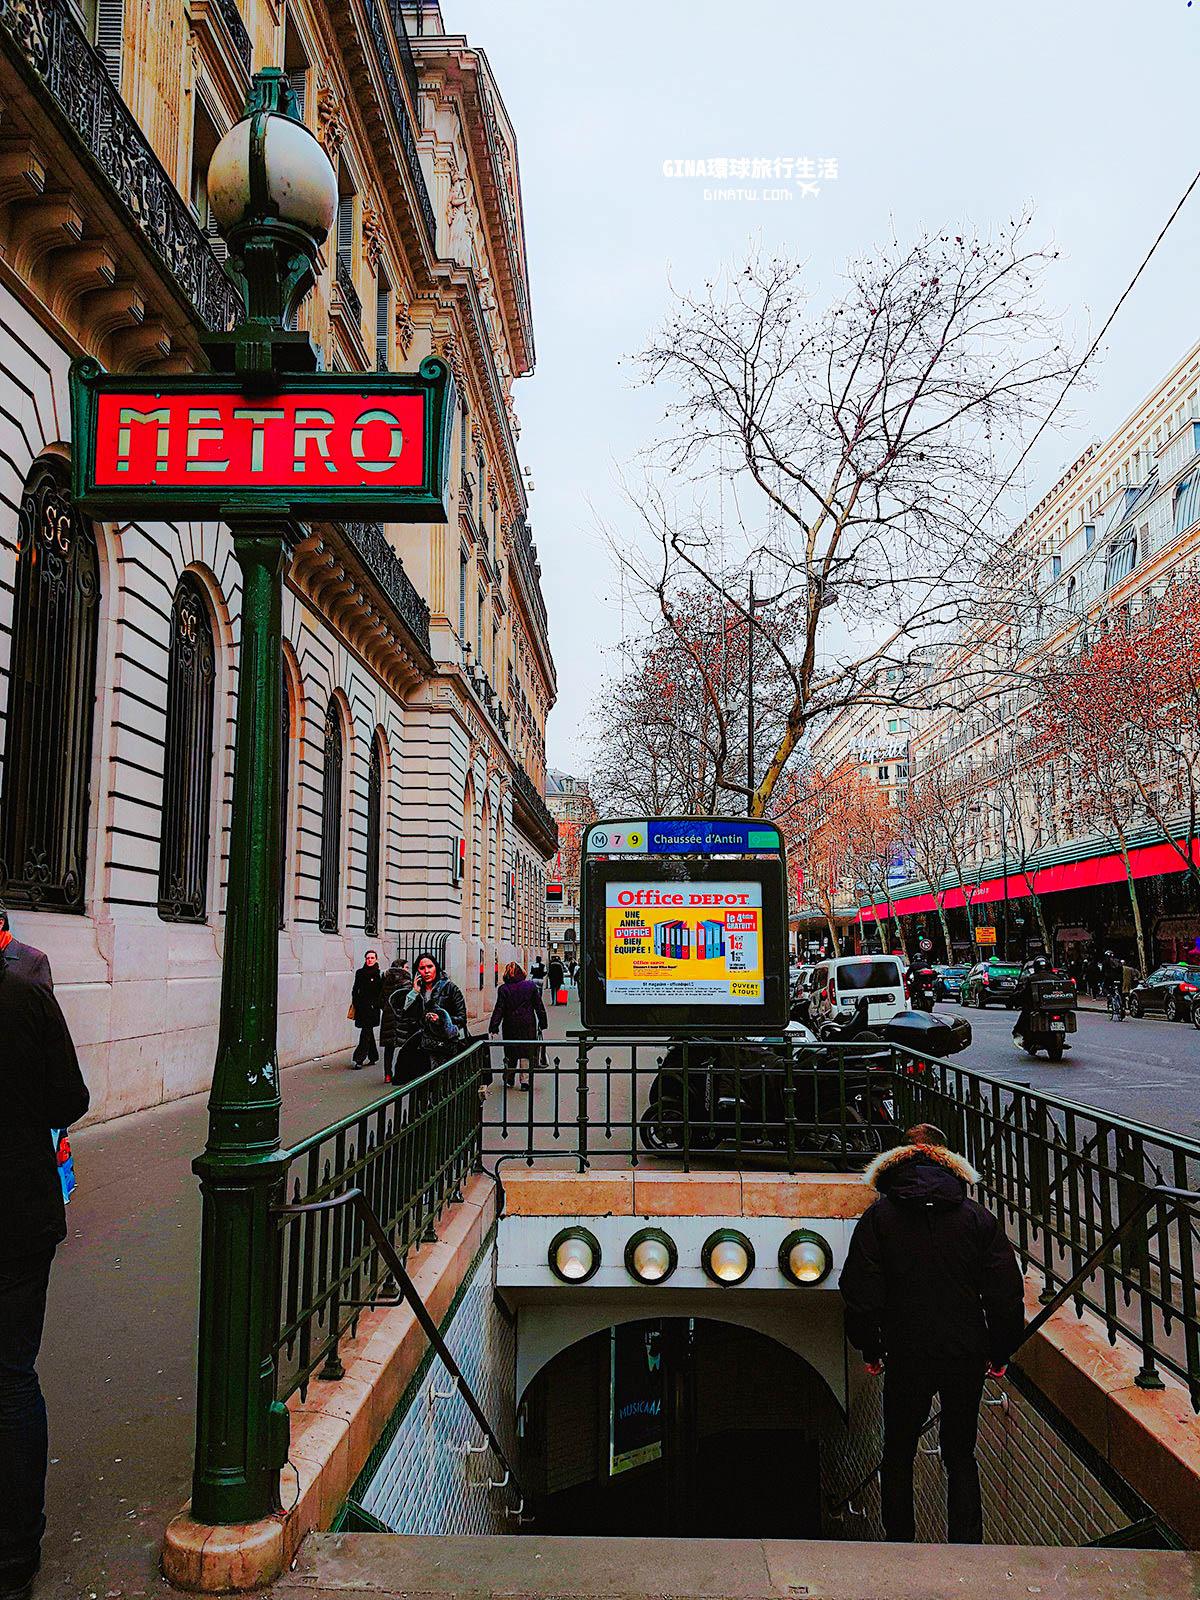 【2021巴黎購物戰利品】拉法葉老佛爺+春天周邊百貨|巴黎市區退稅教學|CHANCE香水口紅、PRADA長夾包包、JO MALONE價位 @GINA環球旅行生活